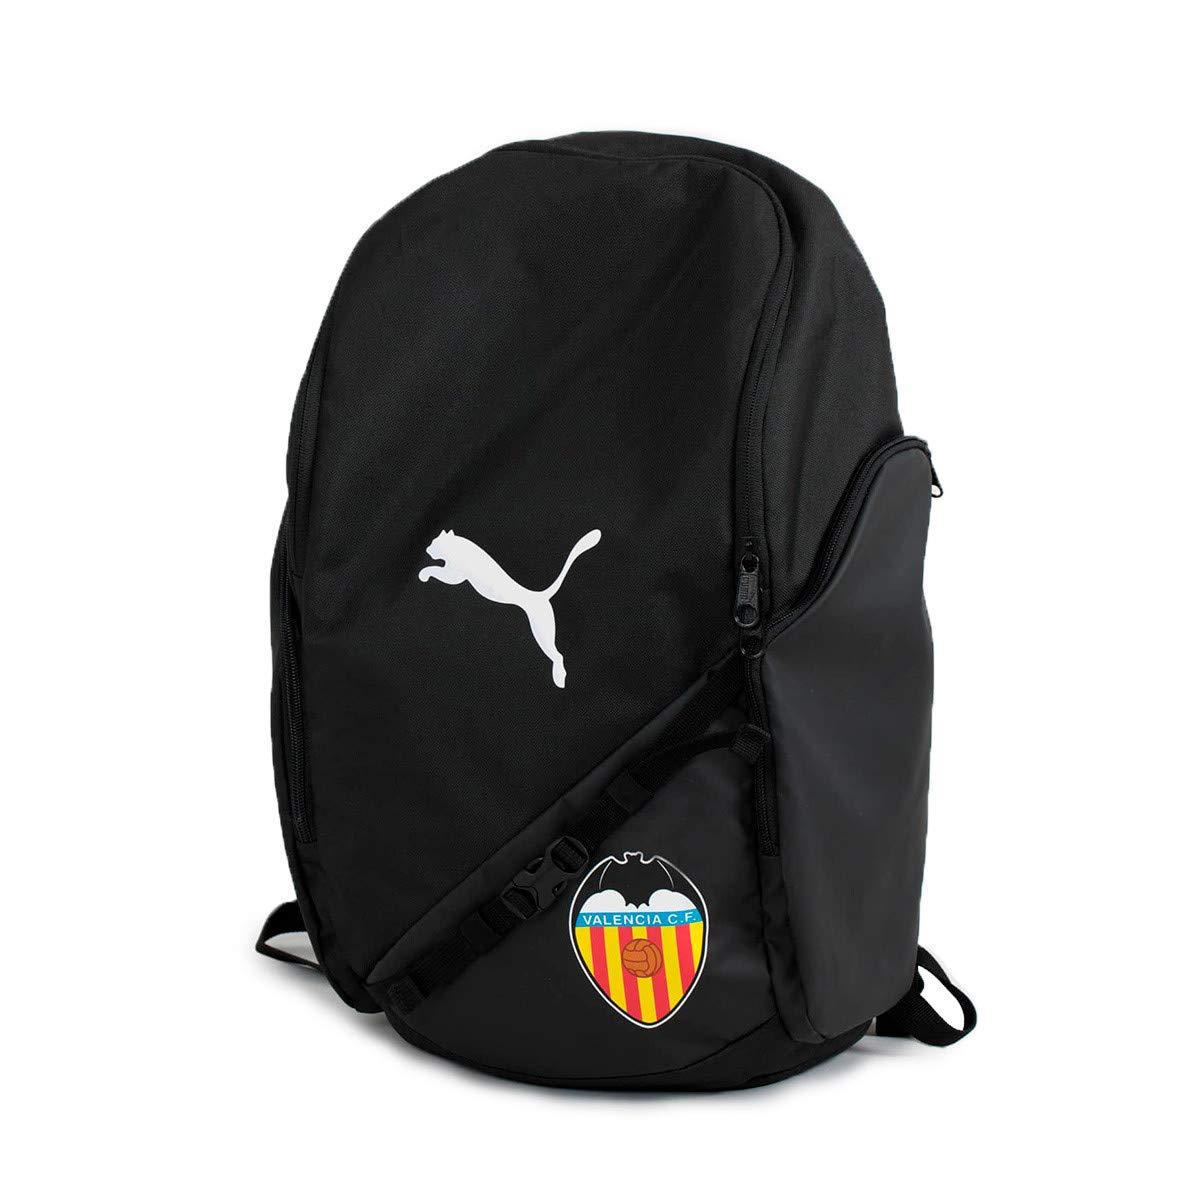 PUMA - Mochila Valencia CF 2019-2020 Liga: Amazon.es: Deportes y ...